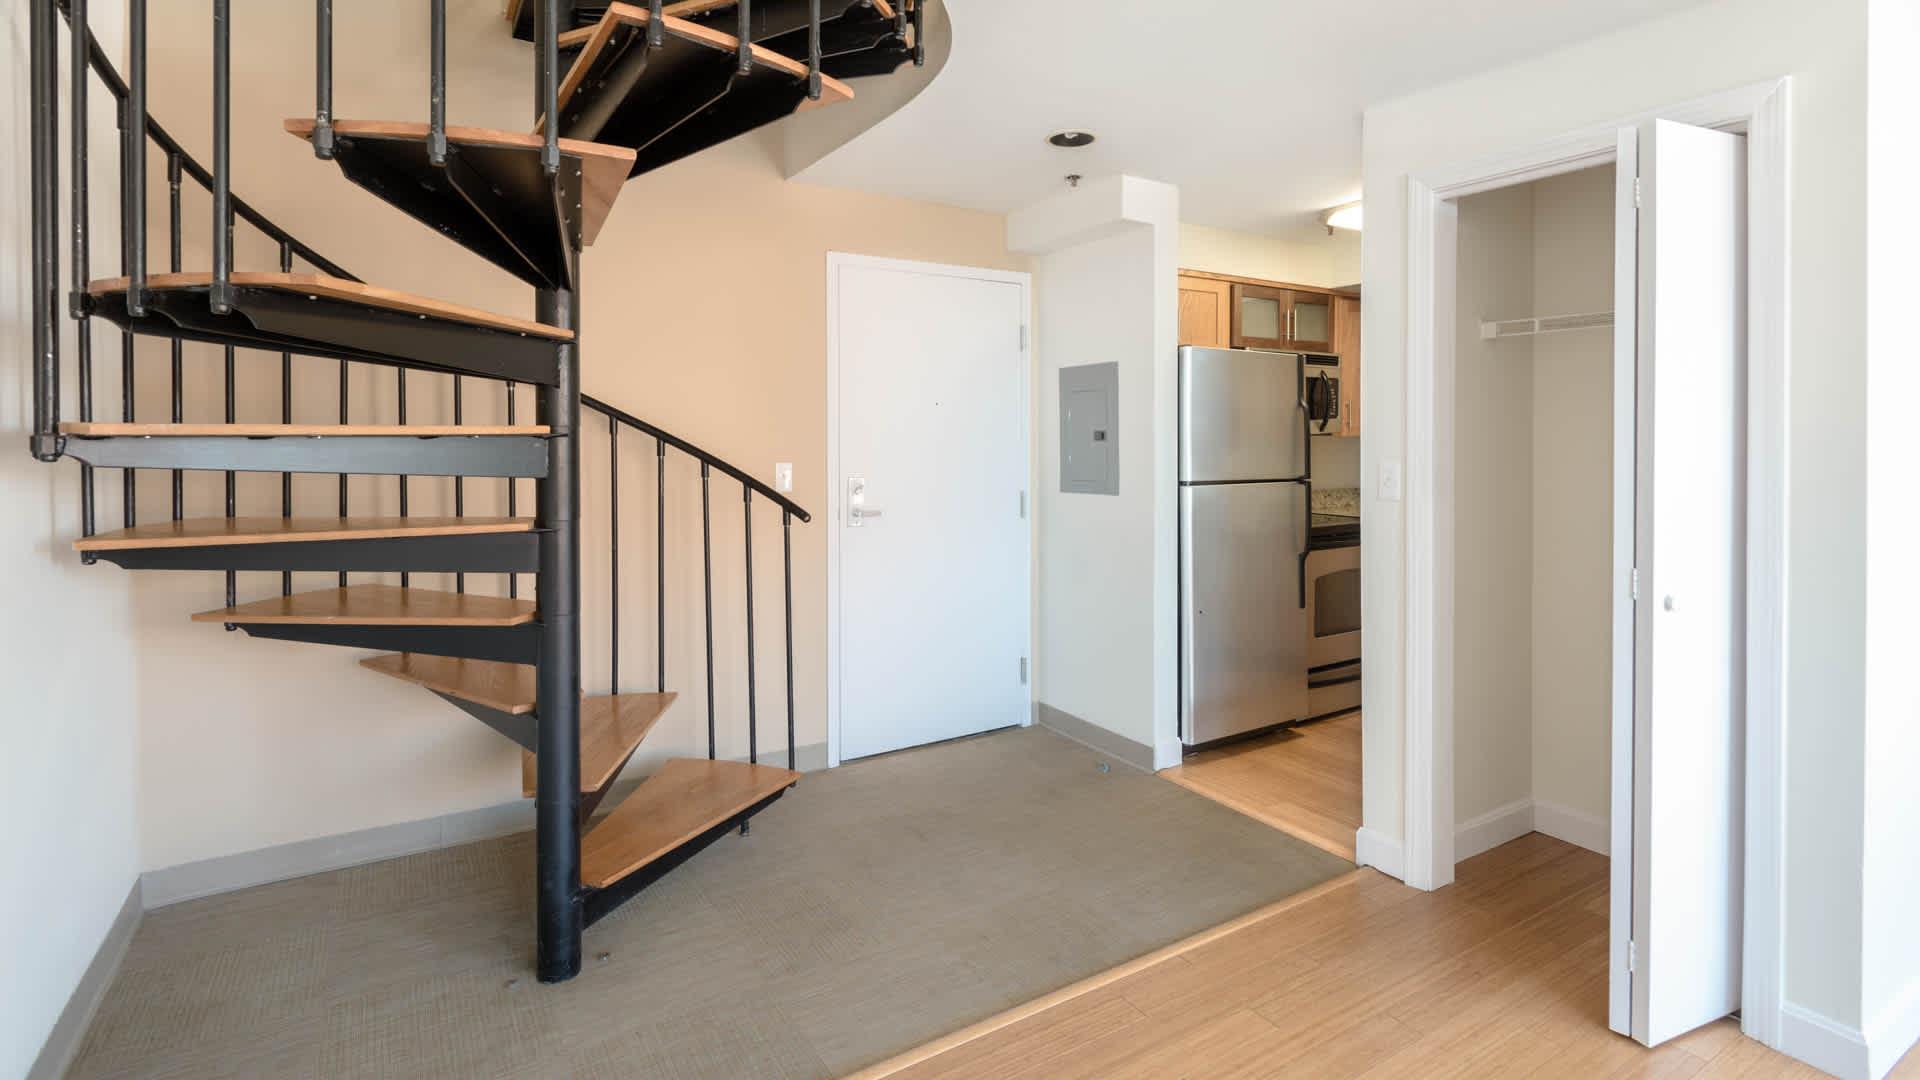 Lofts at kendall square apartments entrance